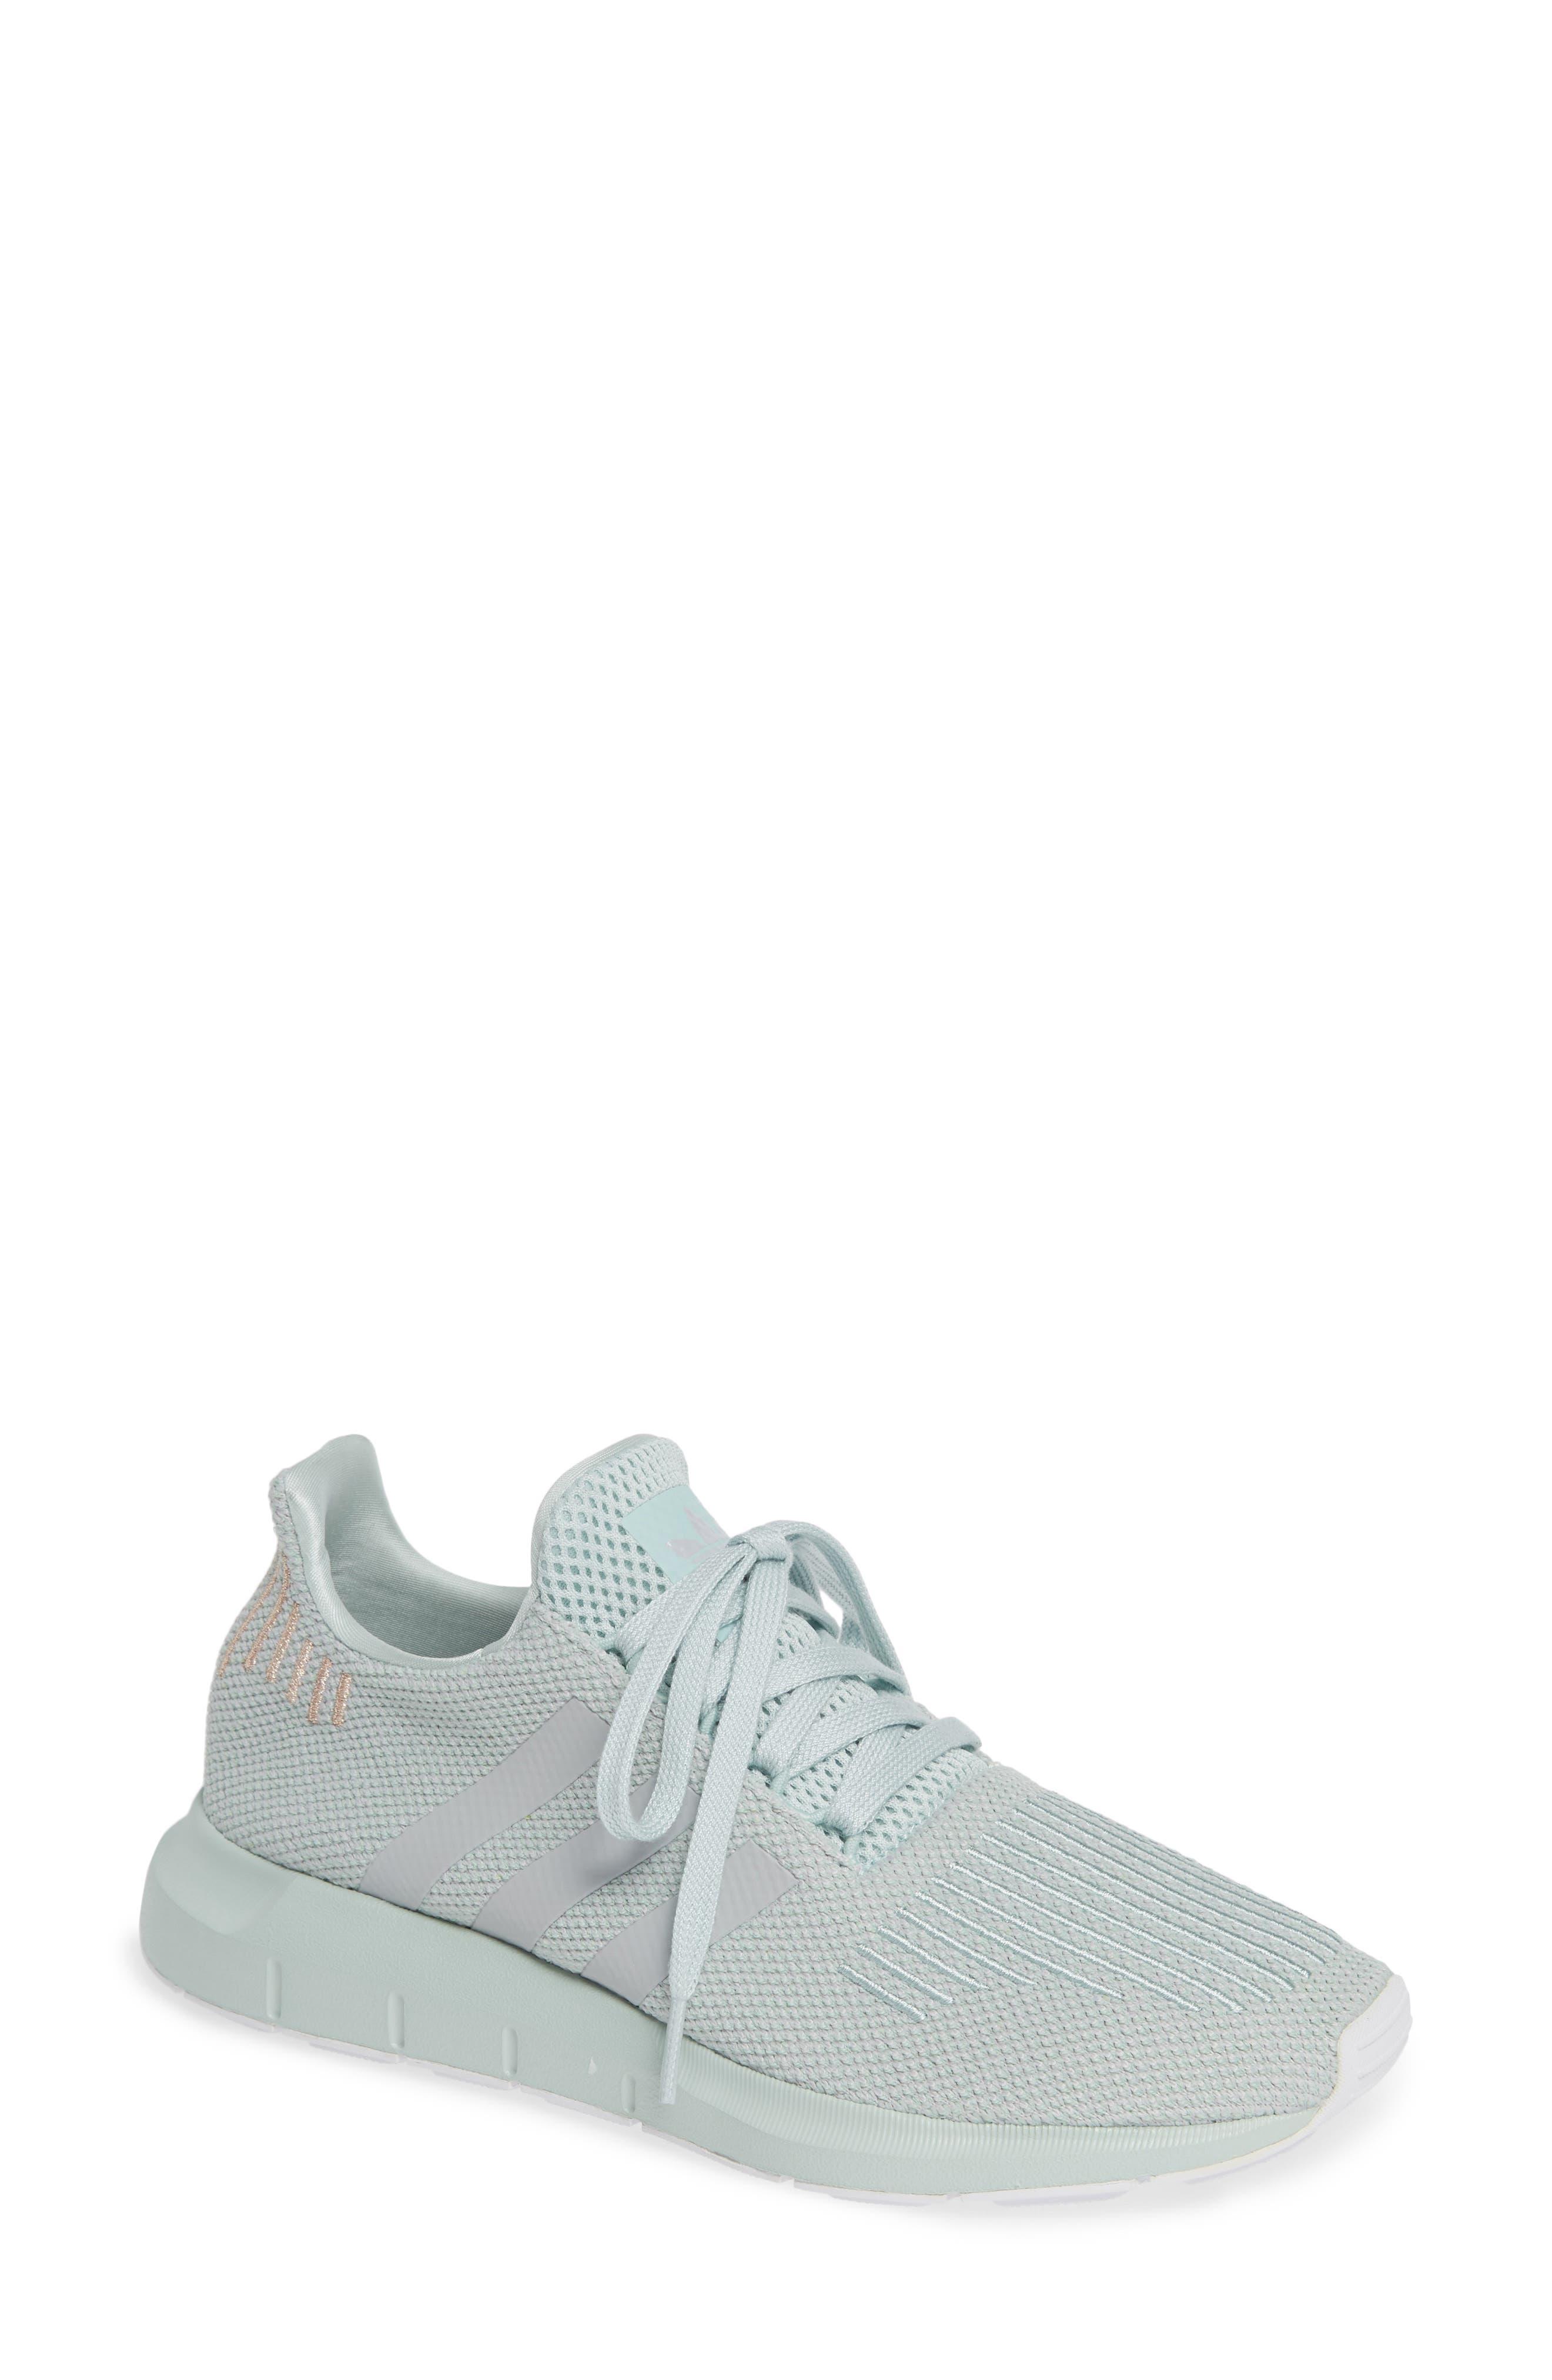 f4e6a7704 ... men running shoes all white outlet online 0fa6c 089bc  czech adidas  swift run sneaker women 4d585 c8173